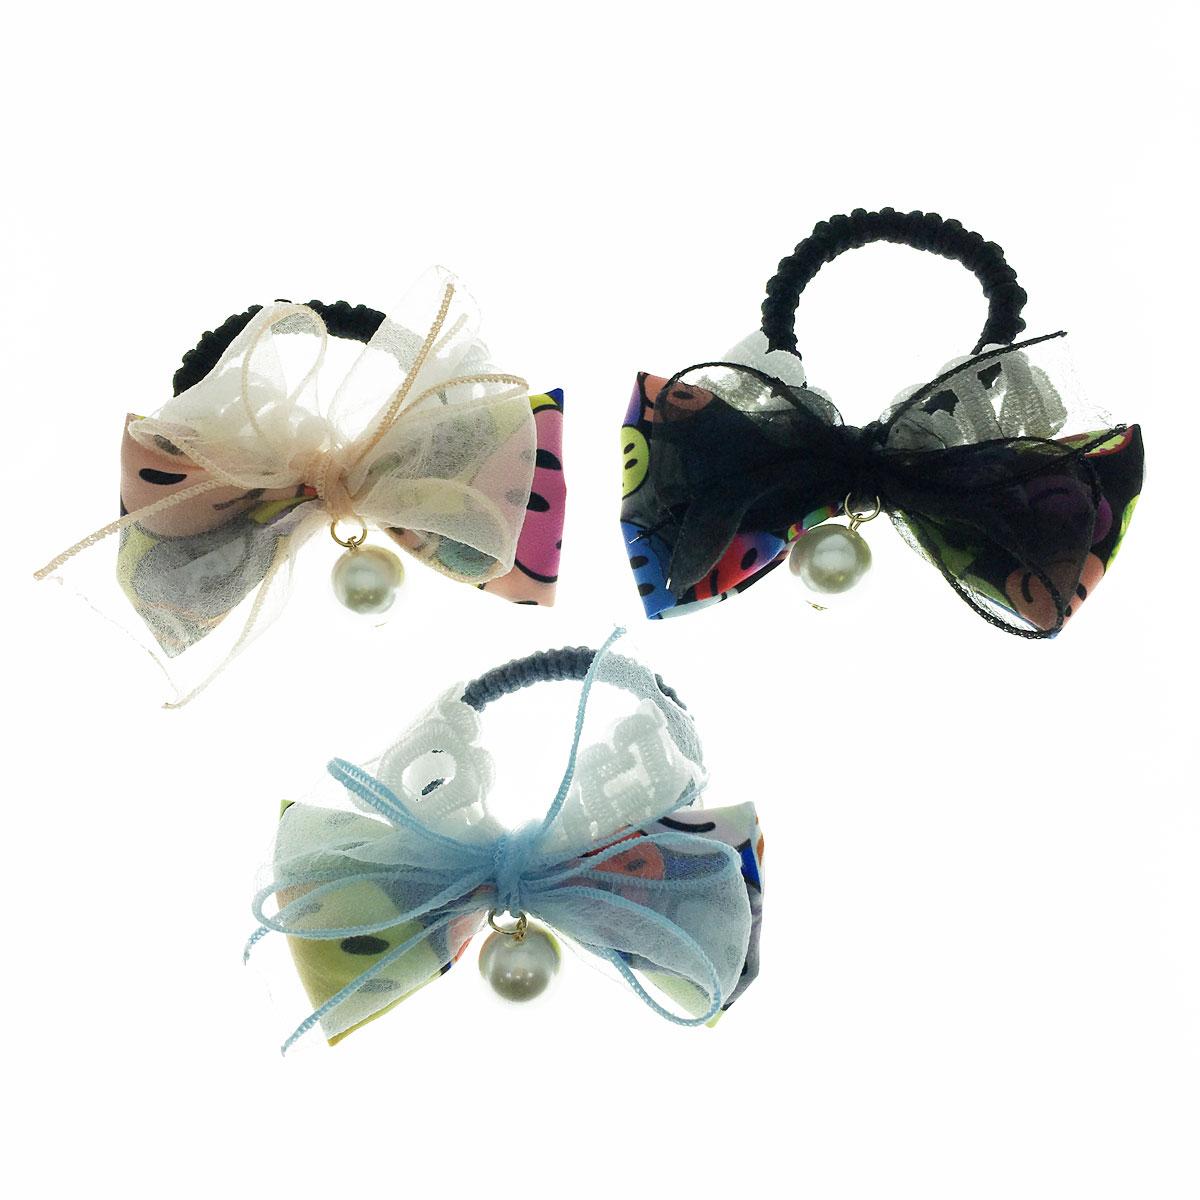 韓國 珍珠 蝴蝶結 紗 微笑 笑臉 英文 三色 髮束 髮圈